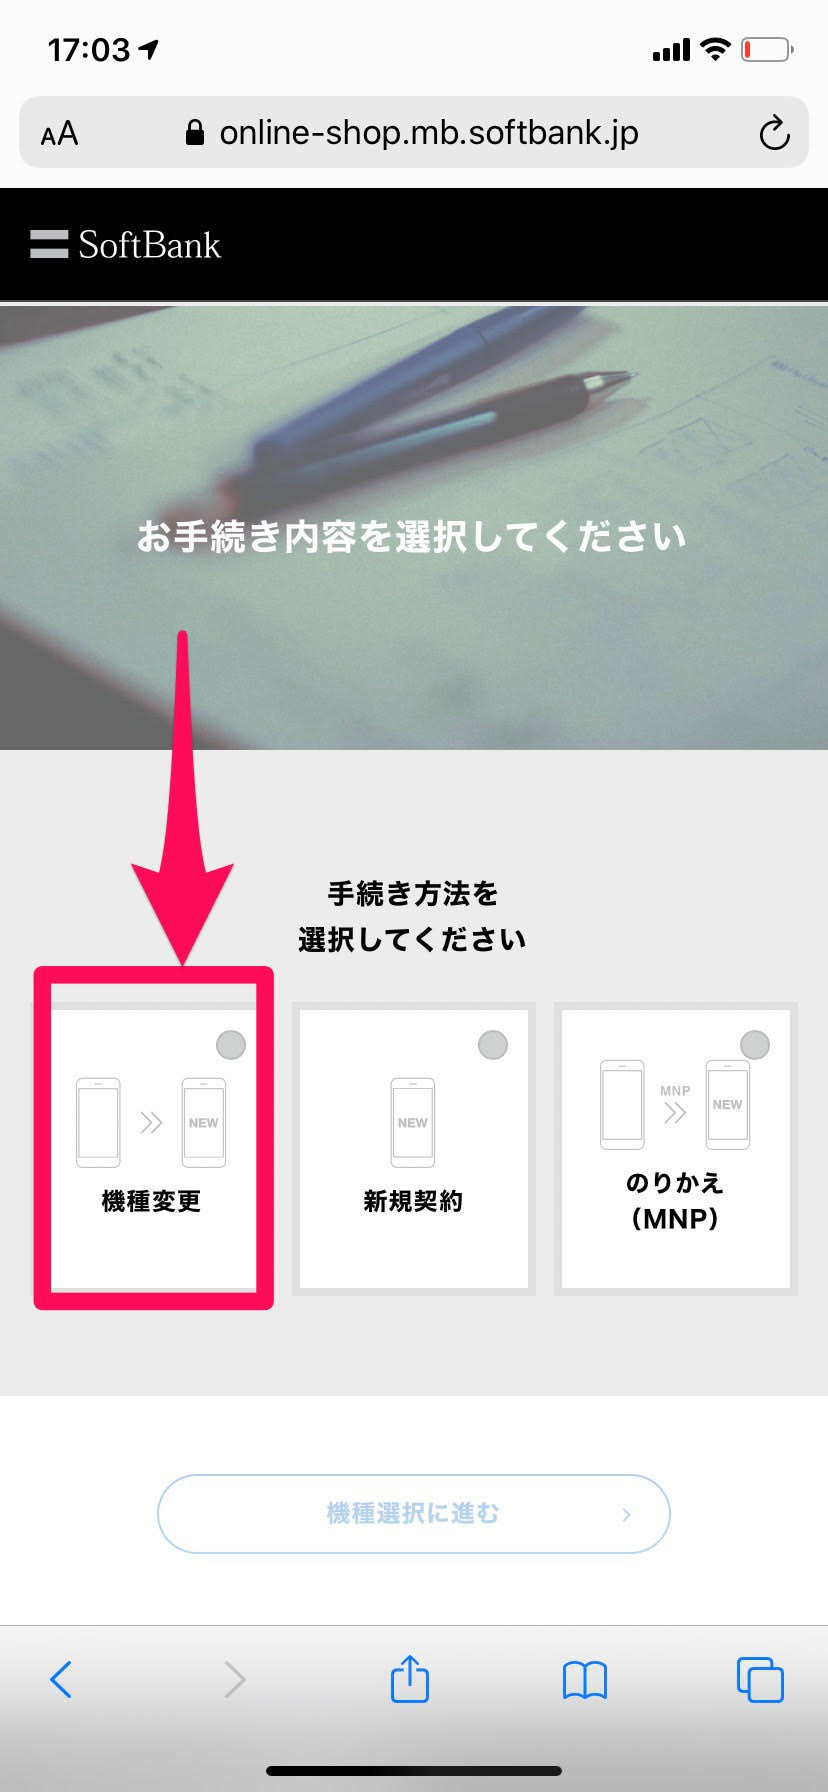 ソフトバンクでiPhone SEに機種変更する方法